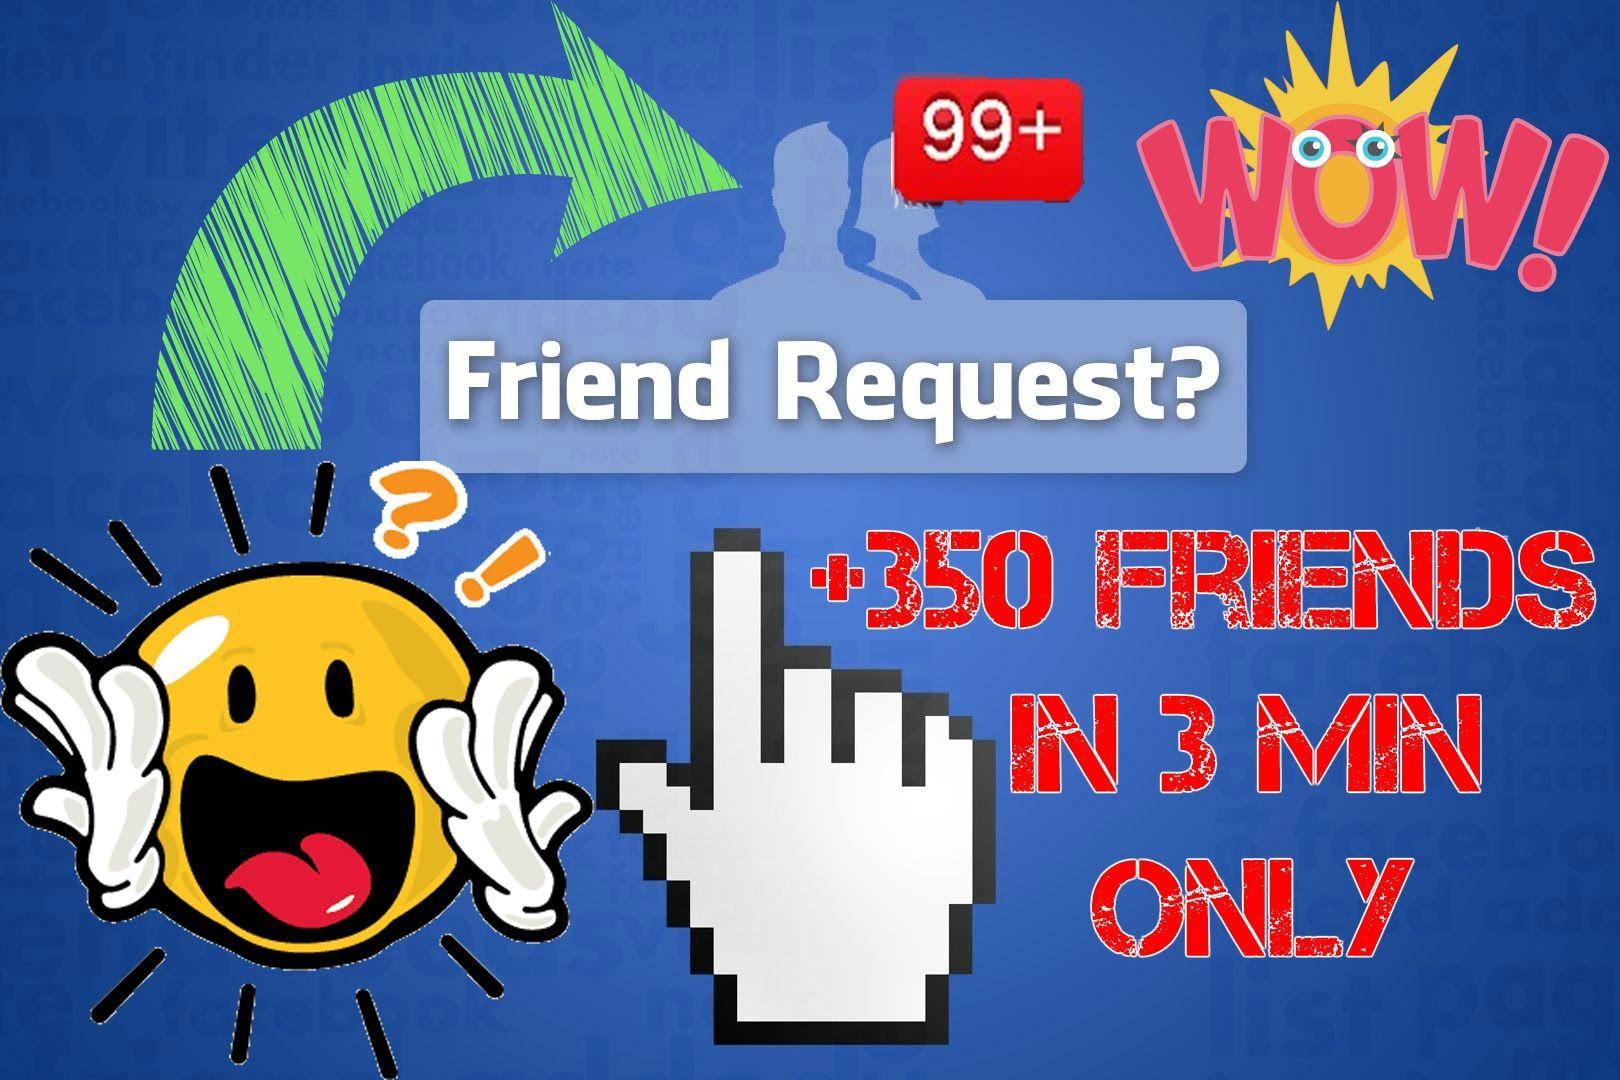 My boyfriend wants to meet my friends